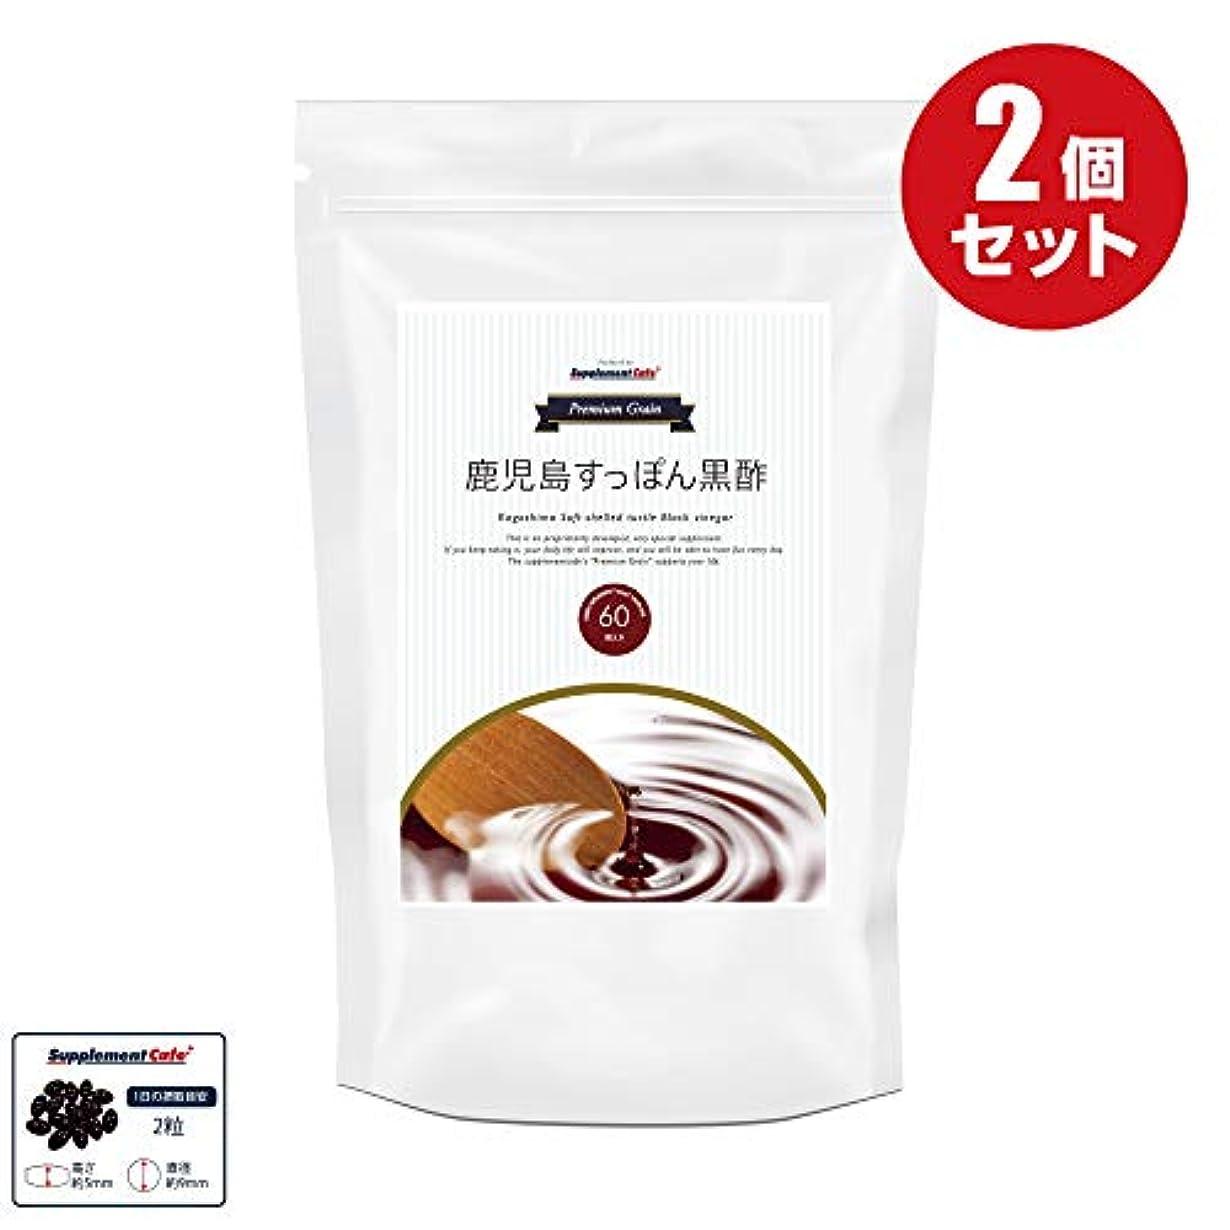 丘請求書計算可能【2袋セット】Premium Grain 鹿児島すっぽん黒酢/すっぽん黒酢/福山産  約60日分